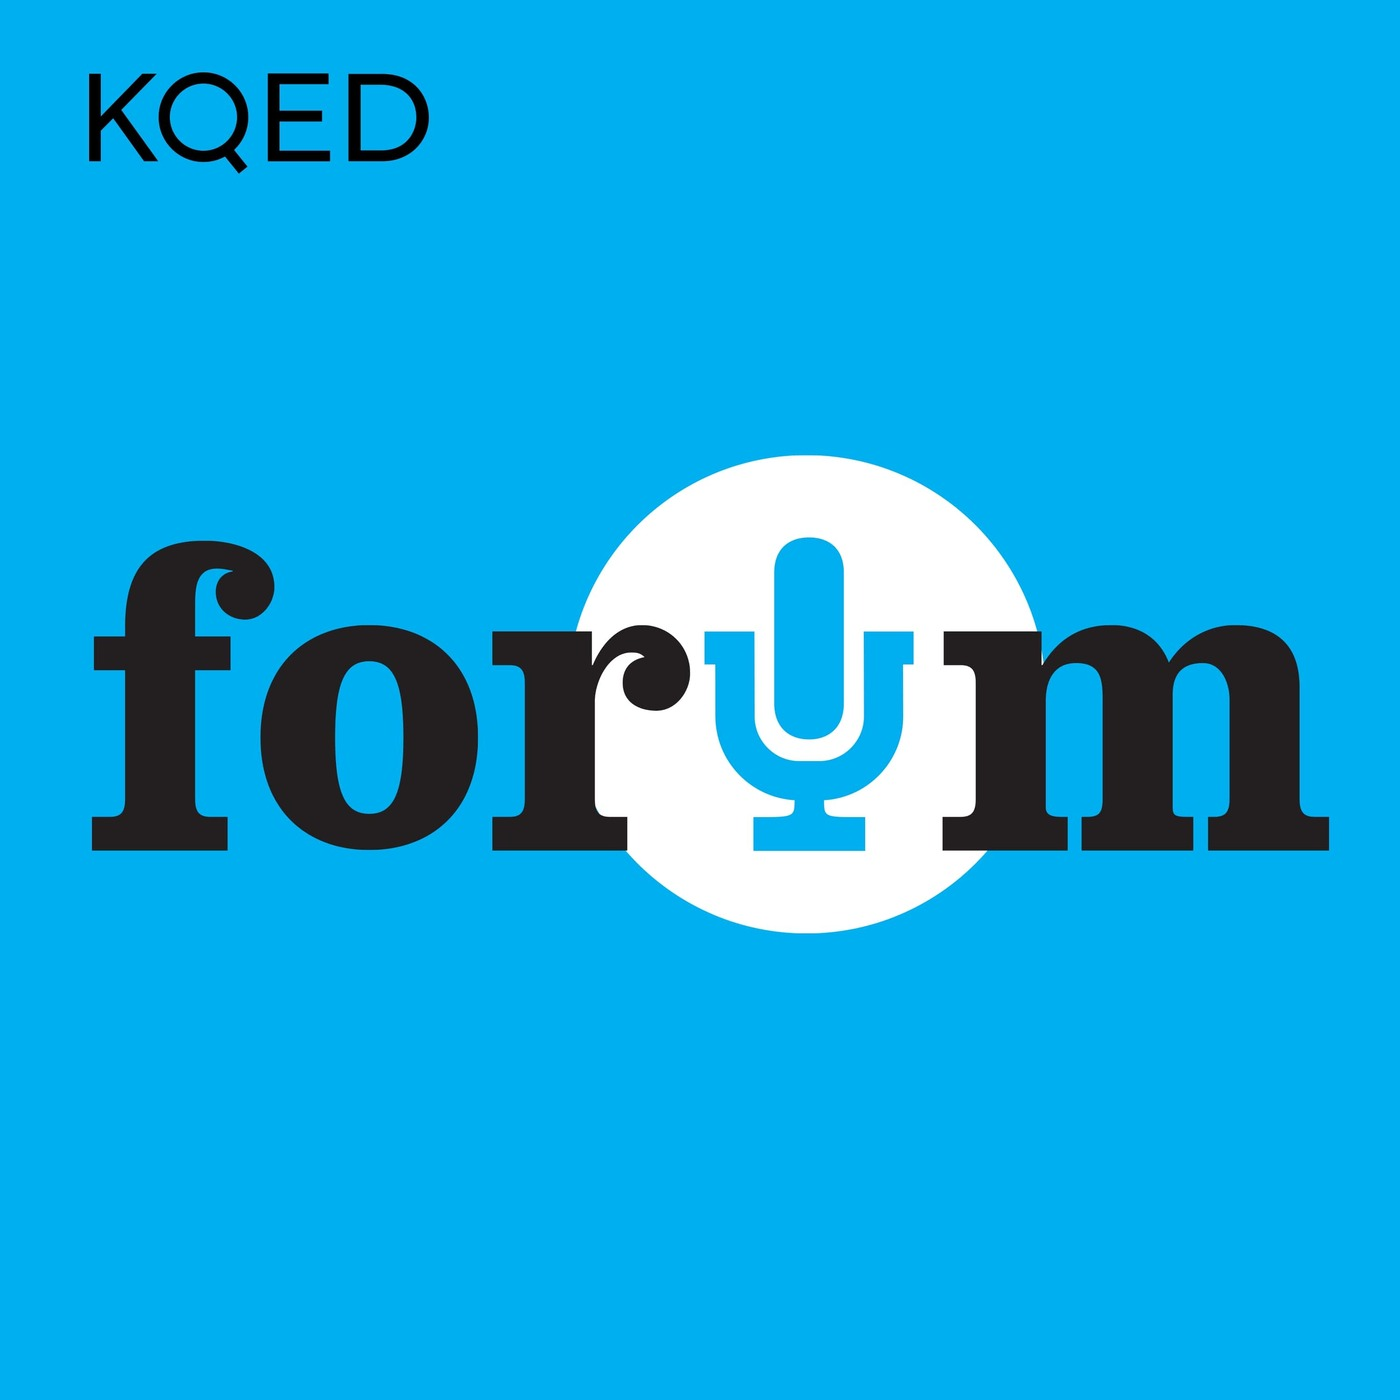 Forum : NPR